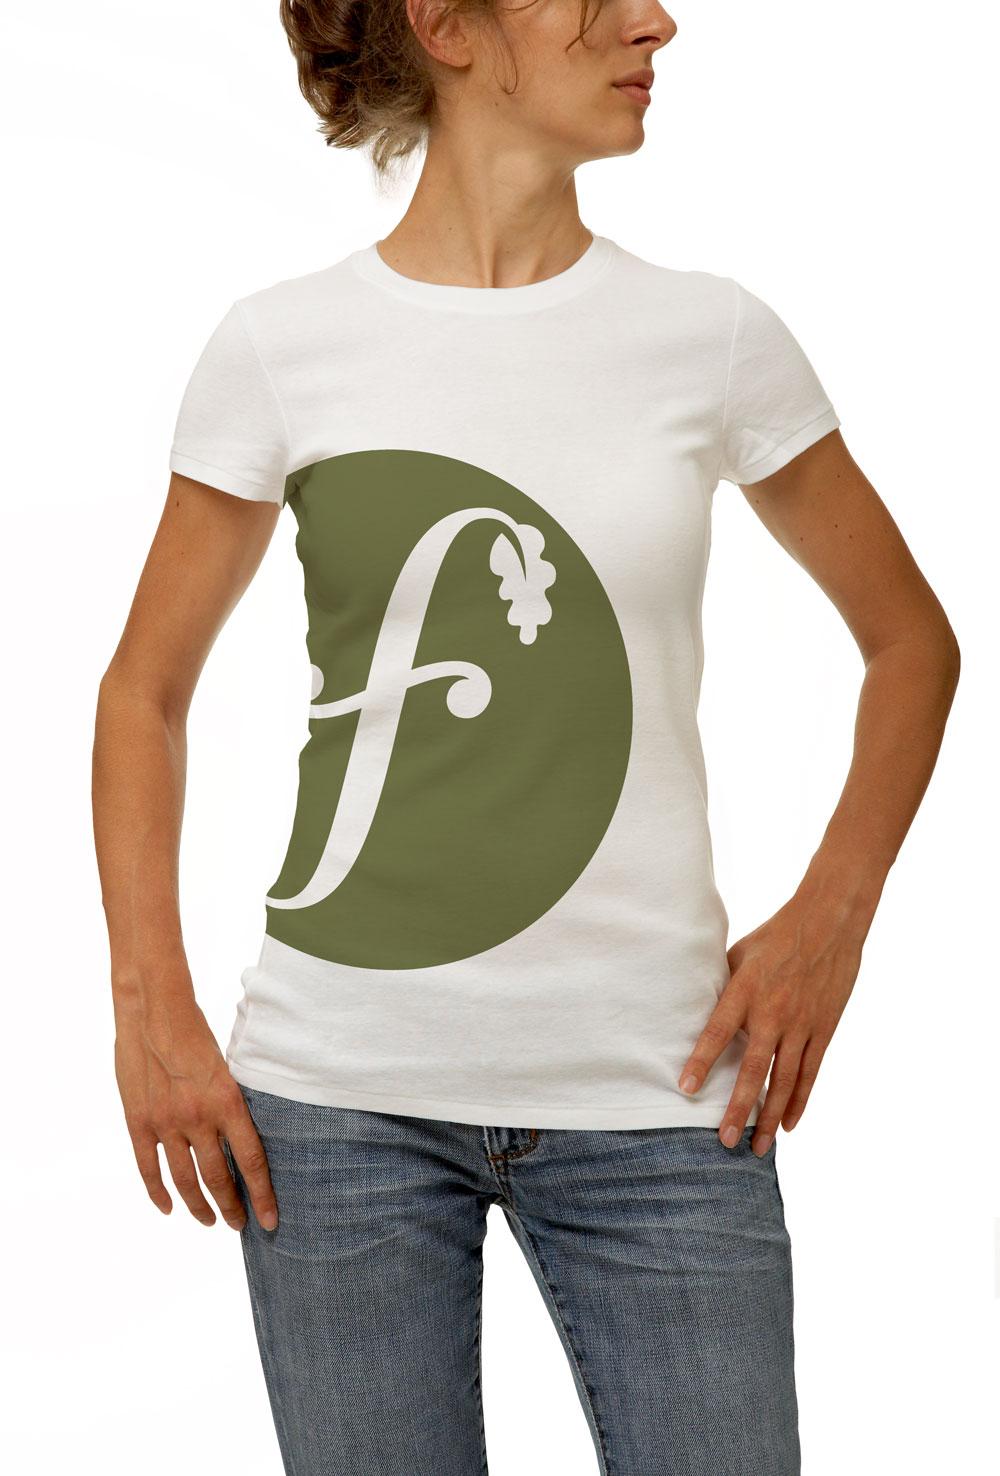 founders-circle-white-tshirt.jpg